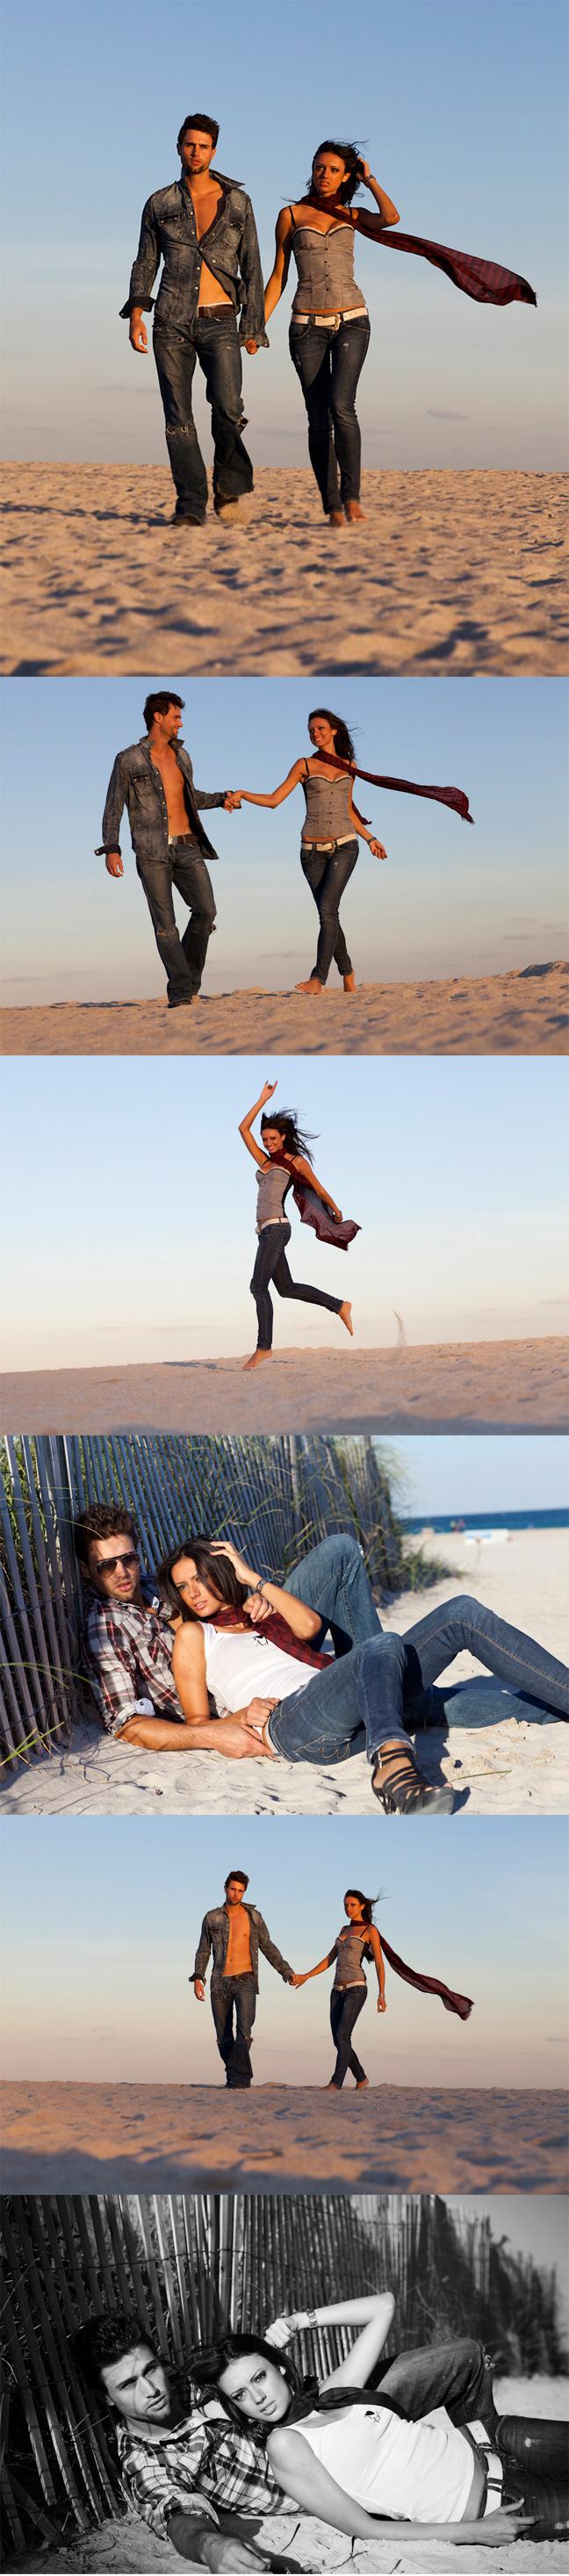 South Beach Nov 16, 2010 Mark and Valentina